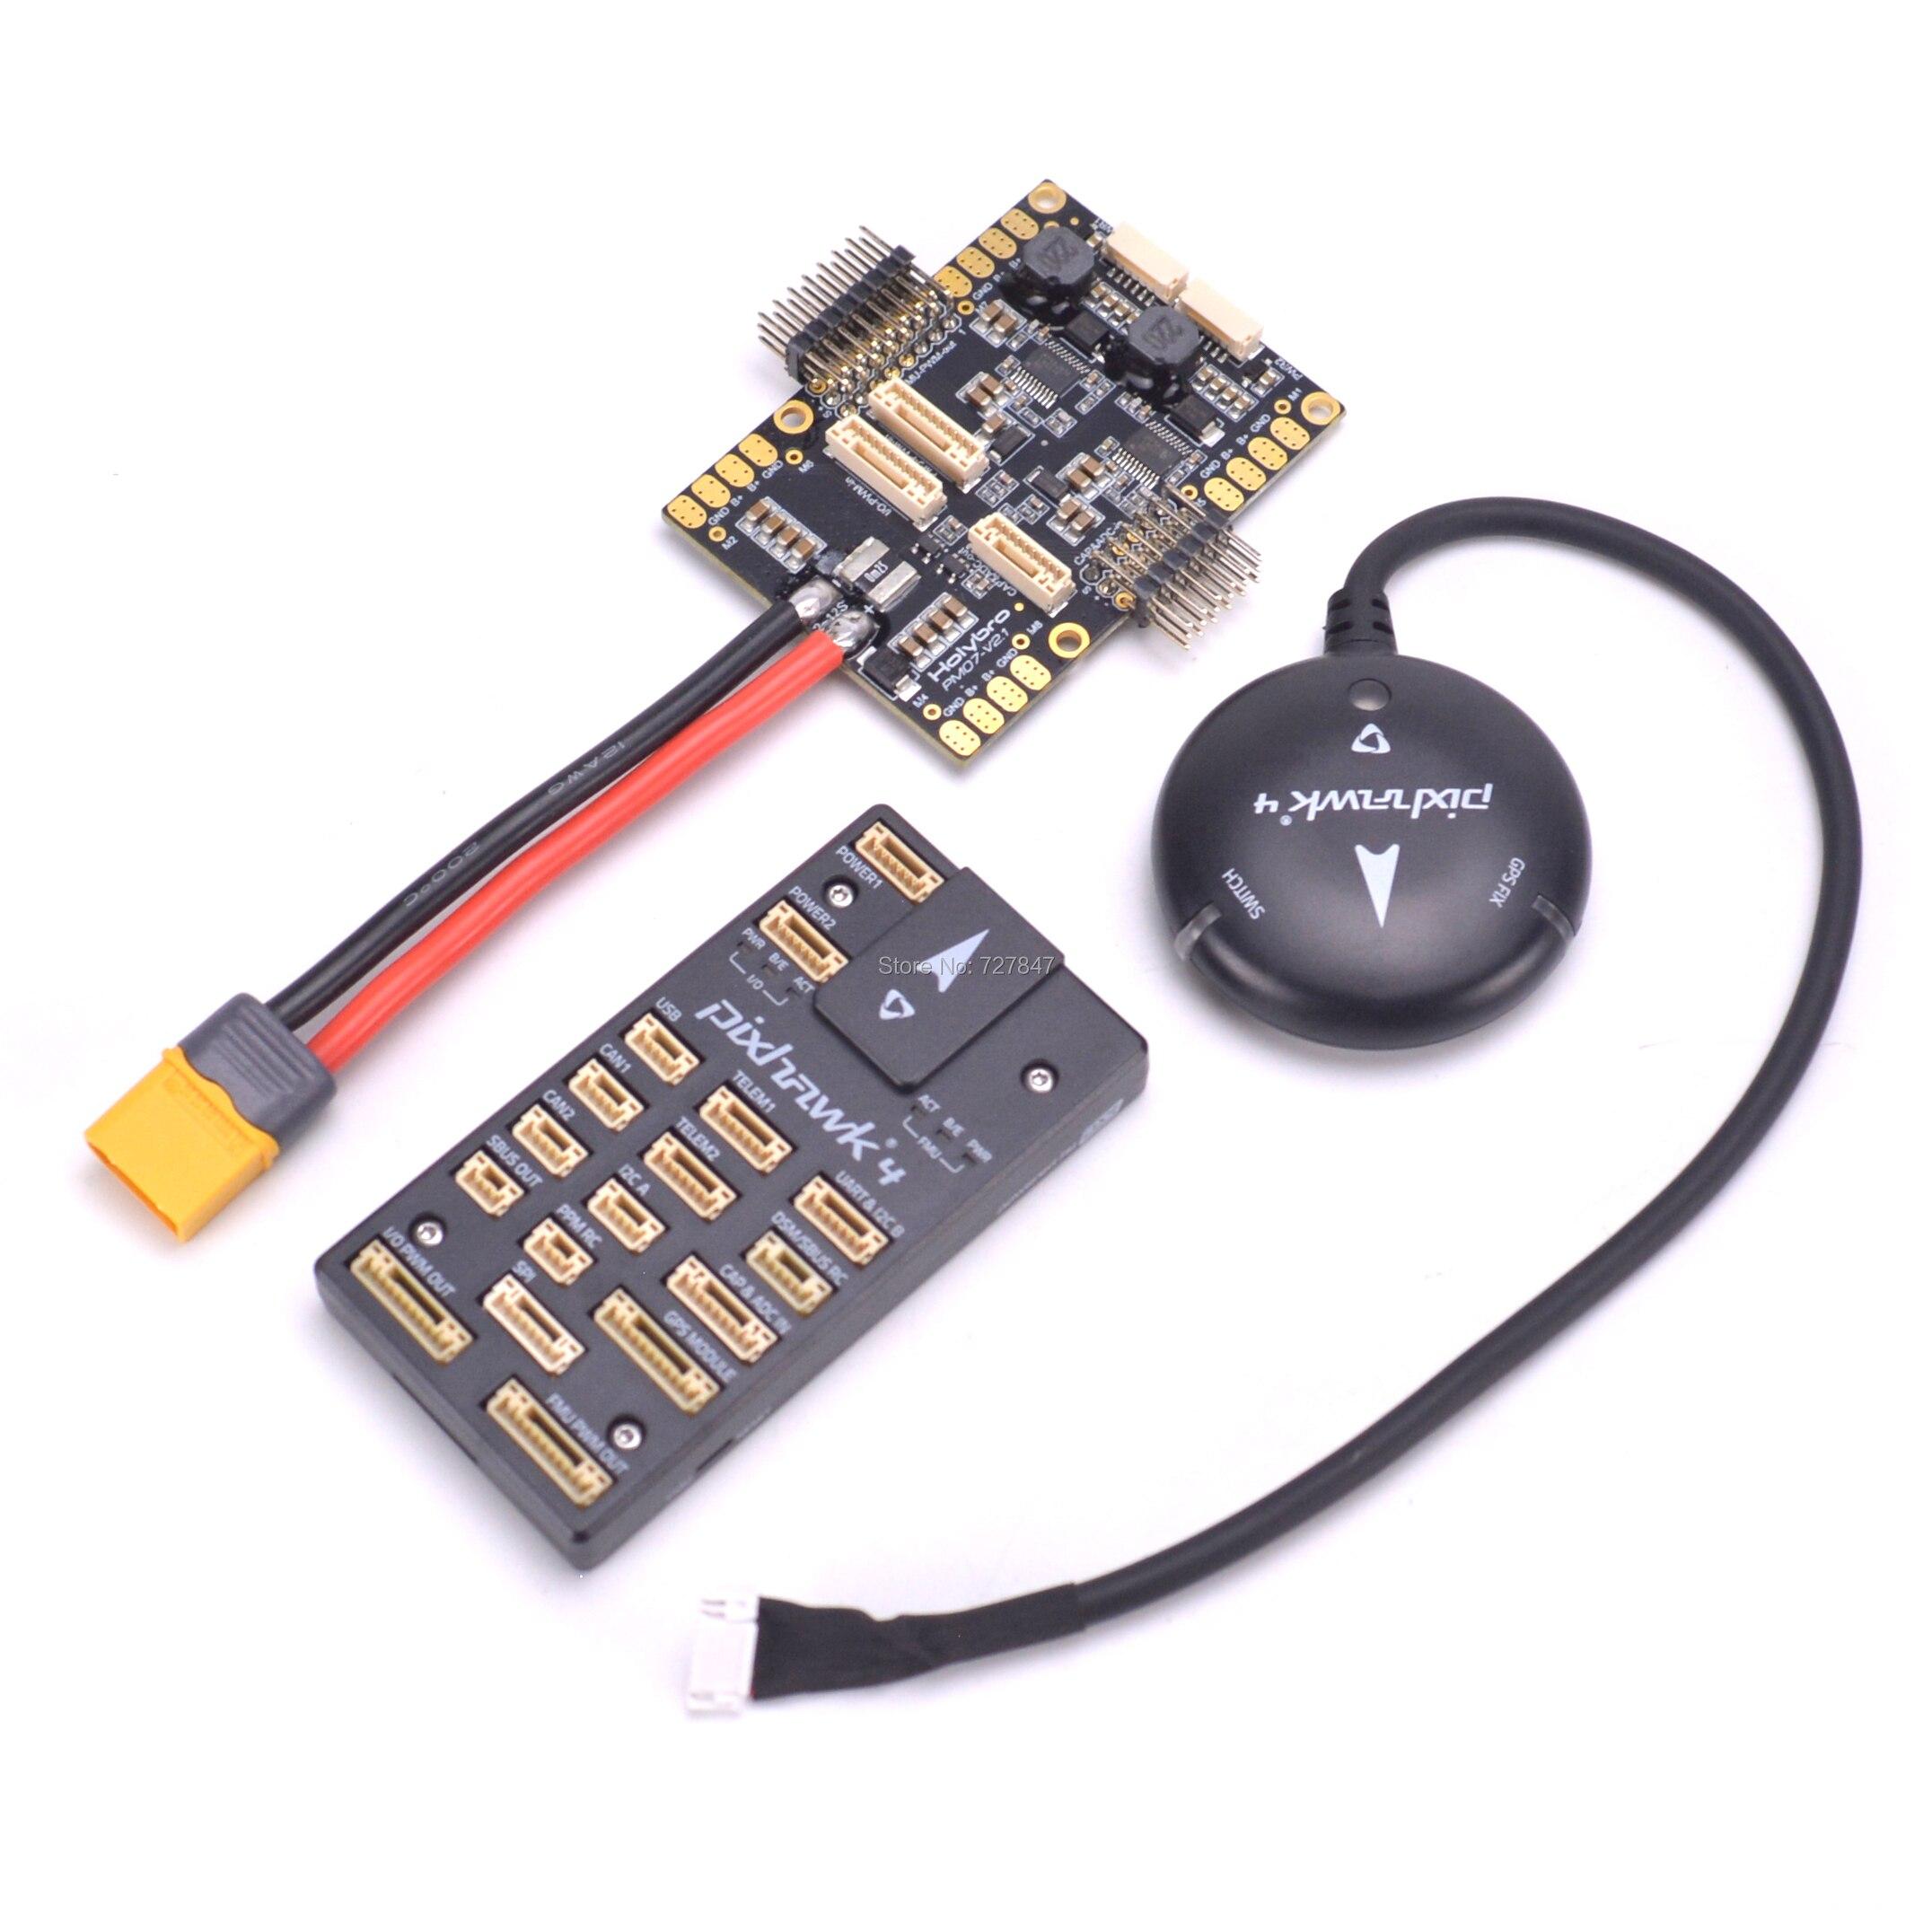 Pixhawk PIX 4 Flight Control & GPS MODULE M8N & PM07 Power Management Board  autopilot Combo For Quadcopter F450 S550